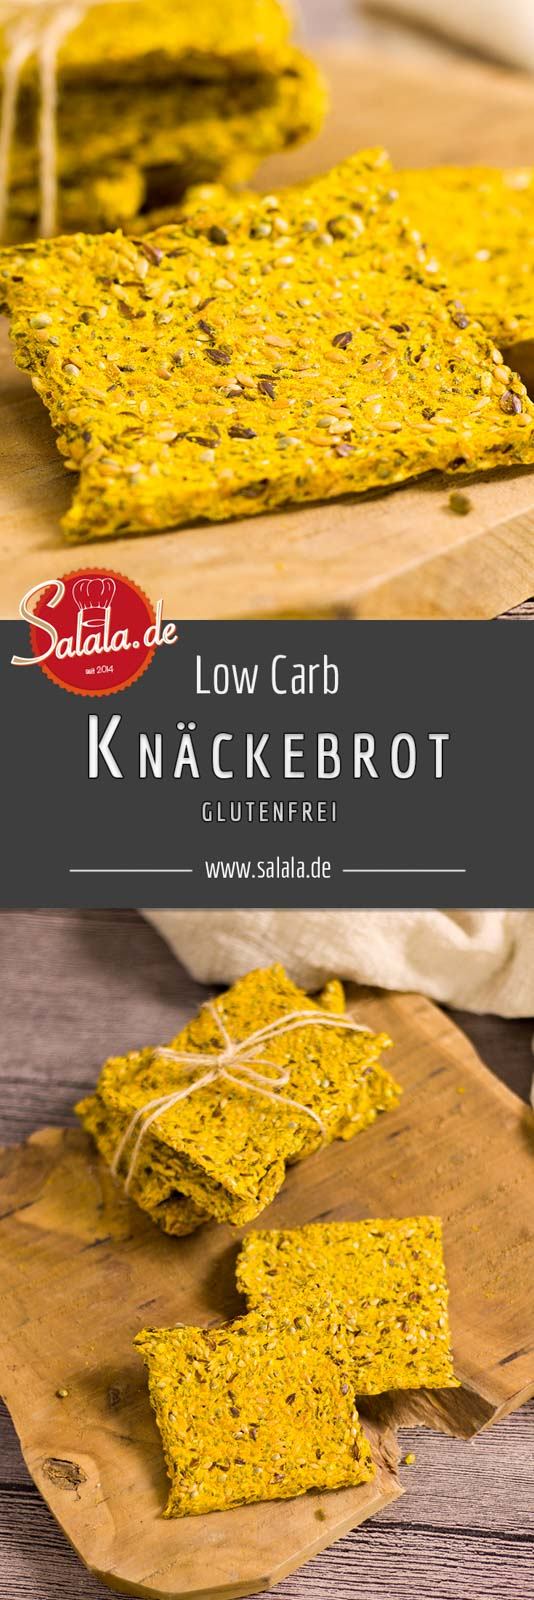 Knäckebrot Low Carb - by salala.de - Rezept ohne Mehl und glutenfrei einfach selber machen